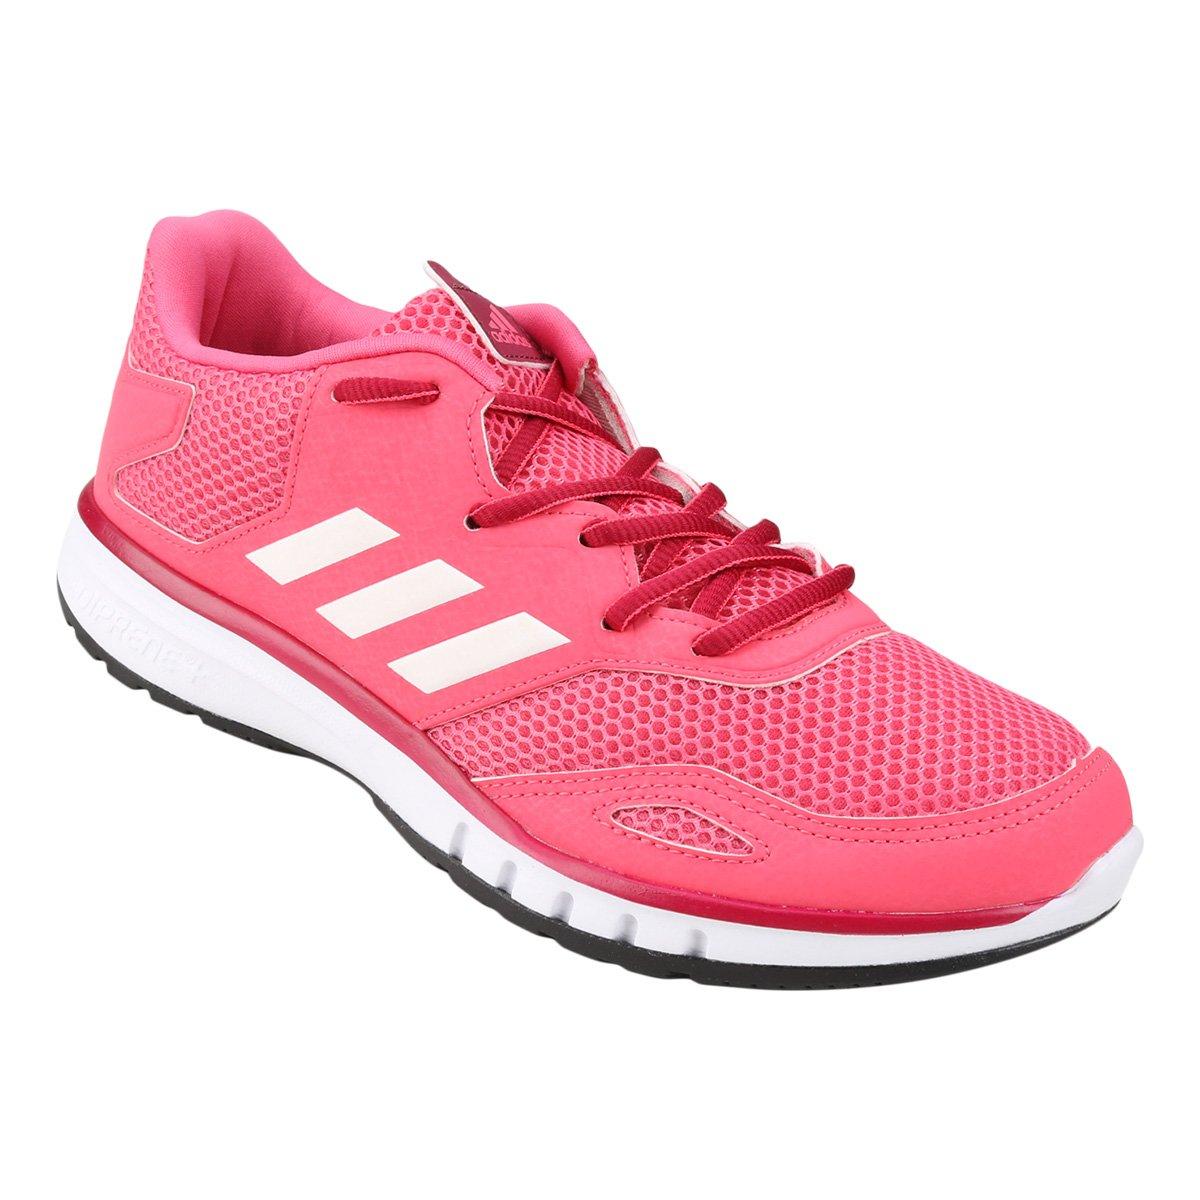 8eae6a48543d3 Tênis Adidas Protostar Feminino - Rosa e Pink | Allianz Parque Shop